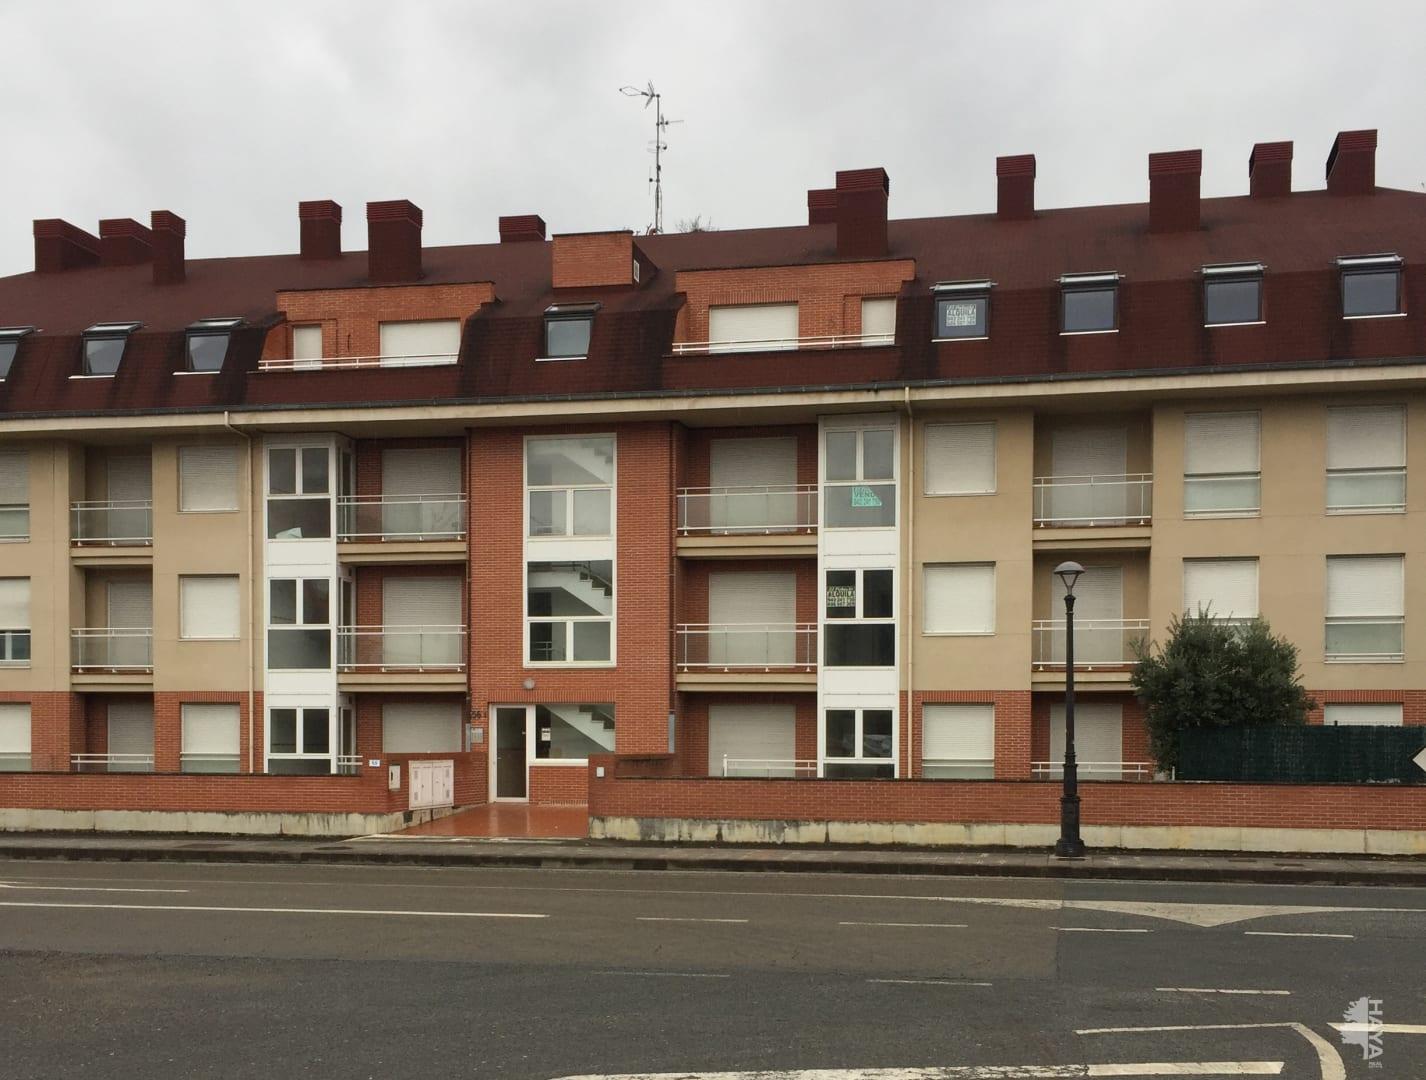 Piso en venta en Navailles-angos, Bárcena de Cicero, Cantabria, Calle Poblado Gama, 94.120 €, 2 habitaciones, 1 baño, 90 m2